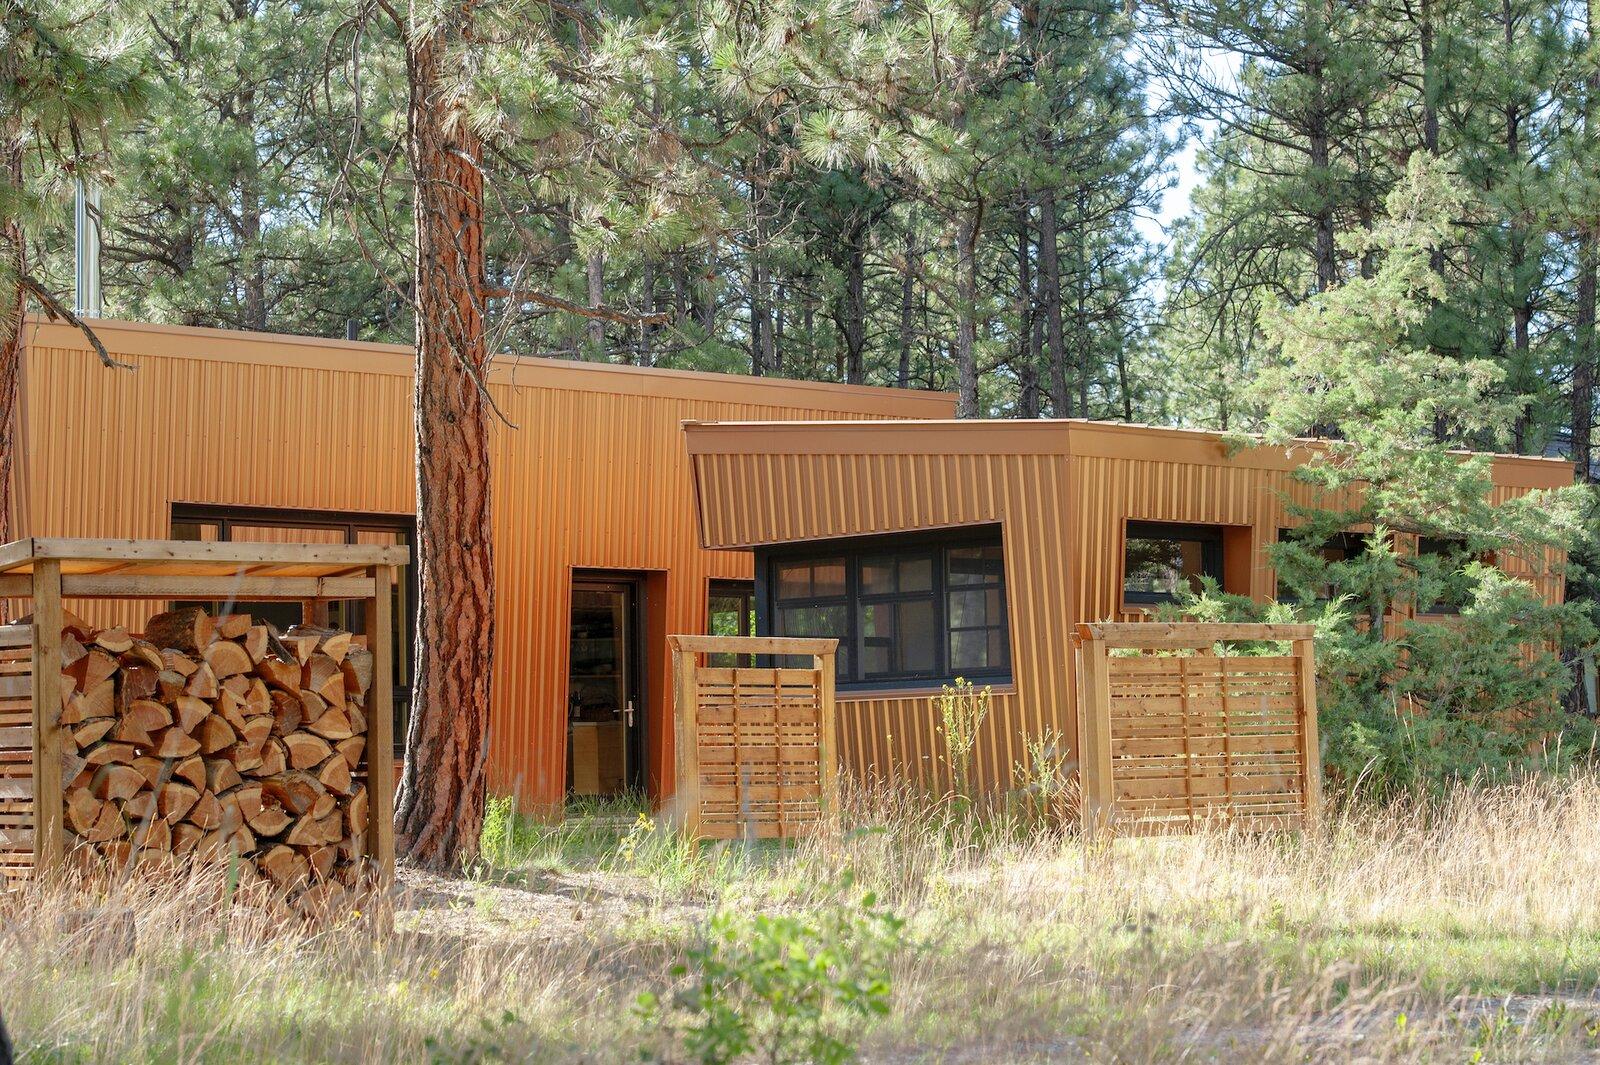 Exterior of Treegazer cabin.